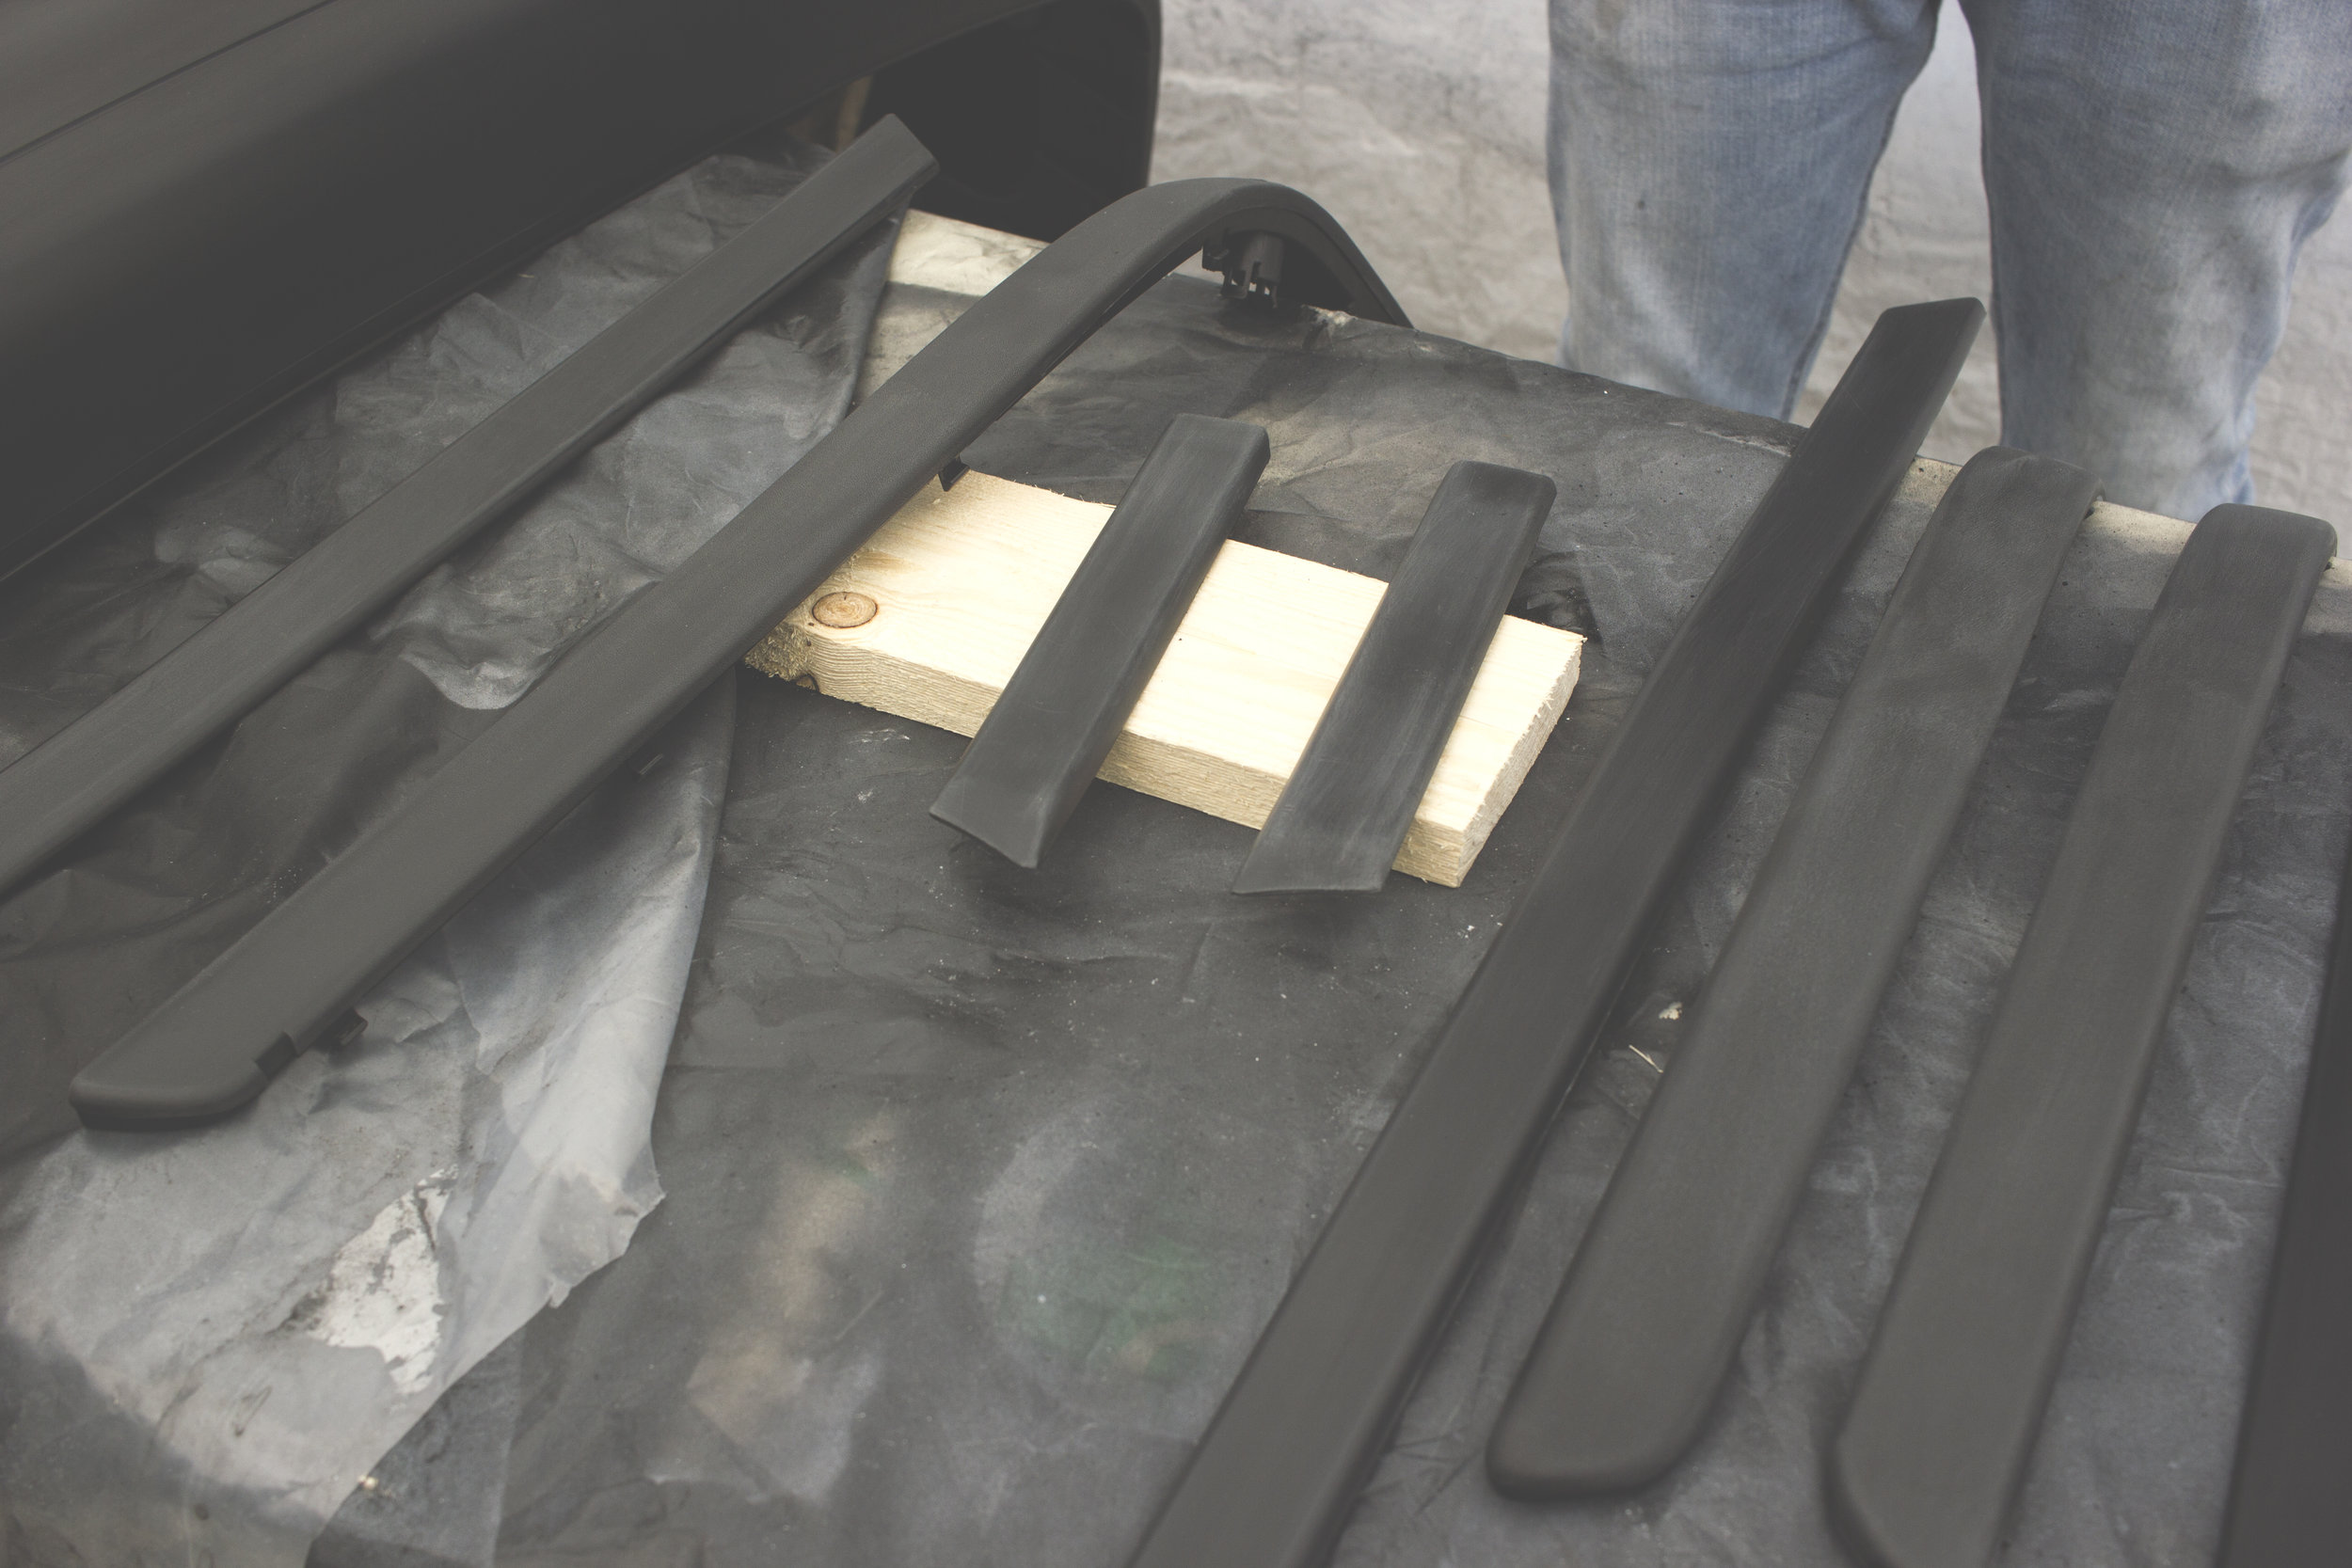 Mömus BMW E39 m sport package body trim mouldings paint DIY next time